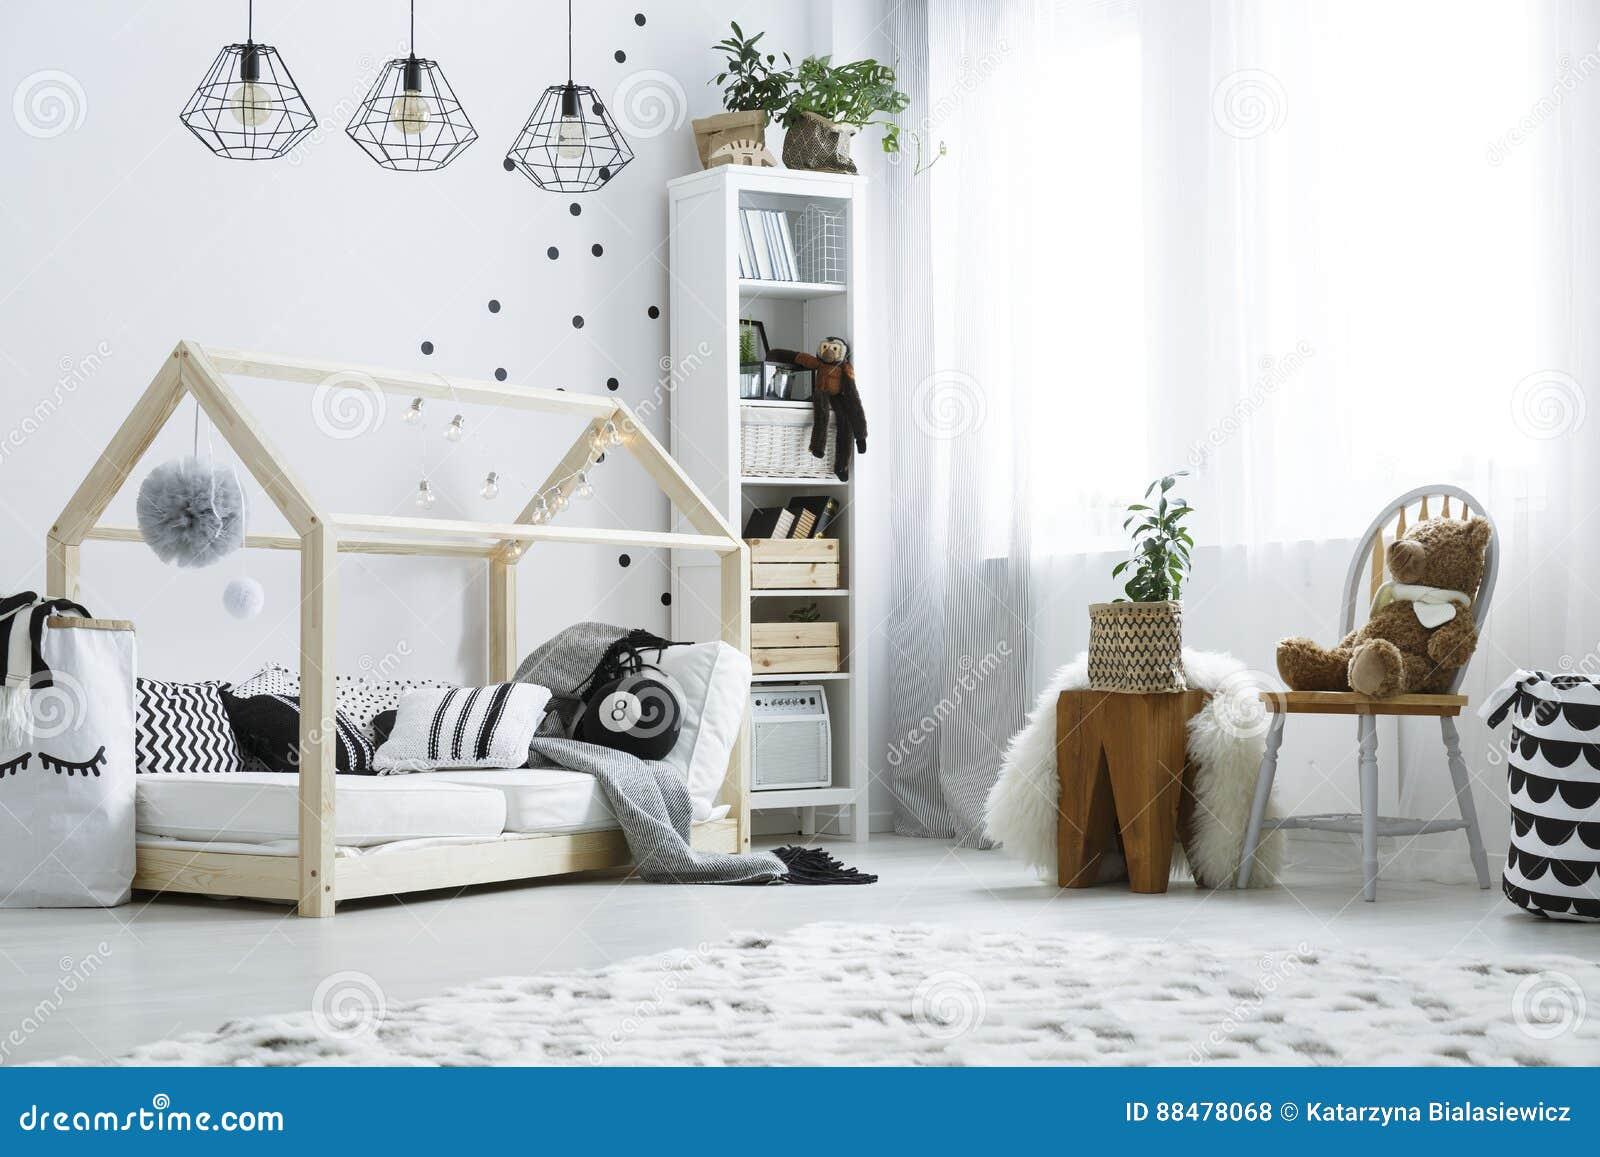 Scandi-Kinderschlafzimmer Mit Fenster Stockfoto - Bild von ...